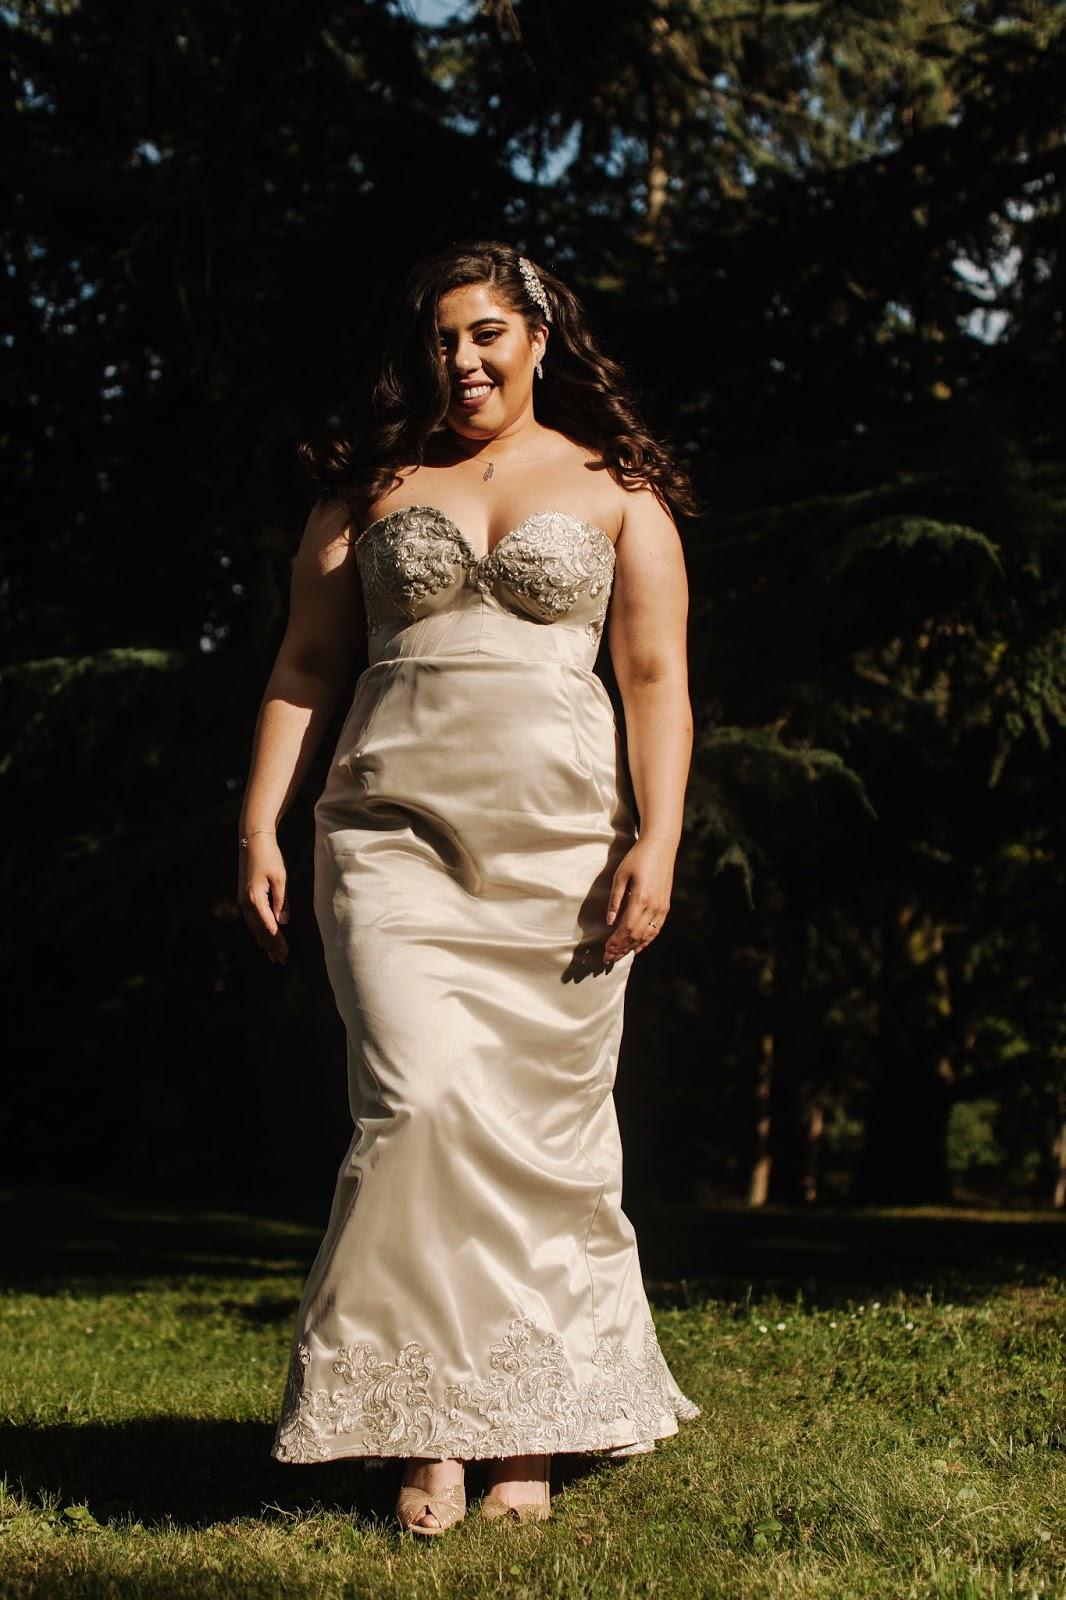 fce4327657 Ma robe comporte une traîne d'environ 1 mètre brodée de dentelle de calais  et prolongée par cette cape en organza également brodée .